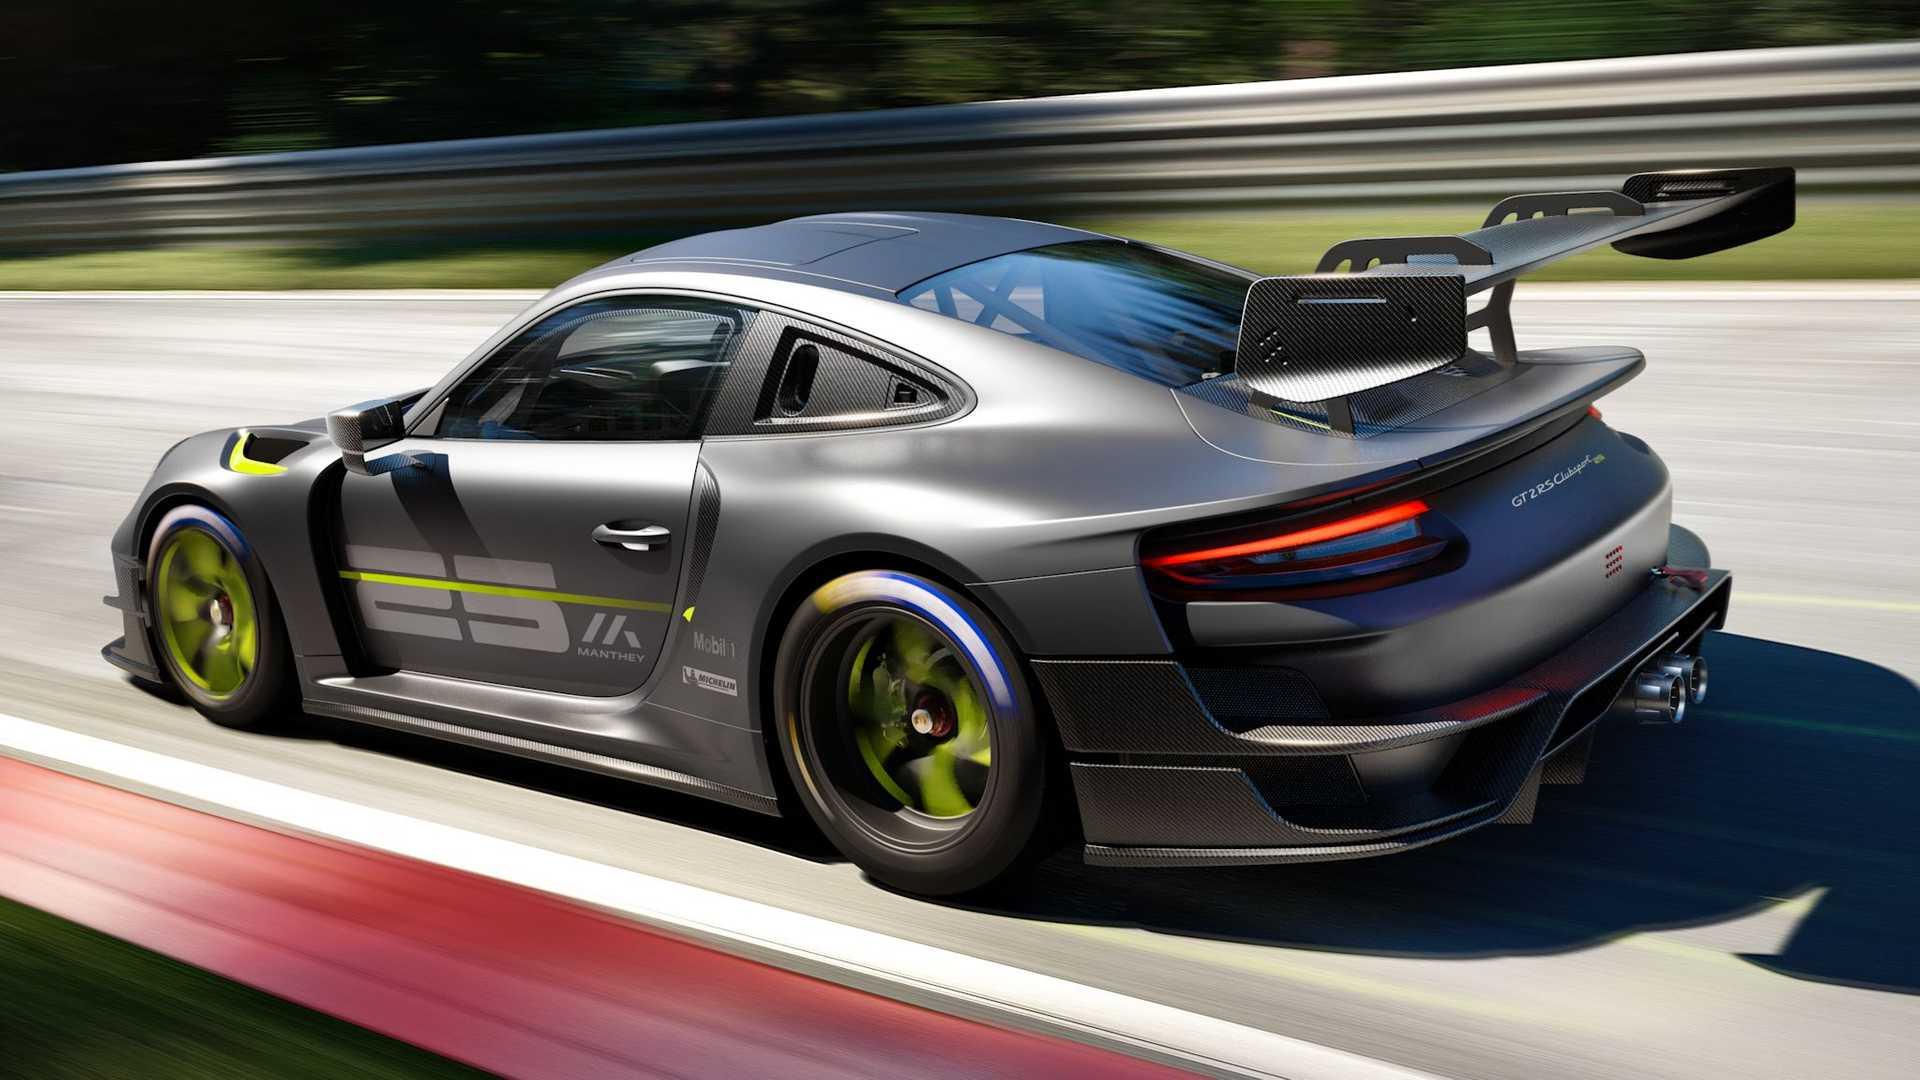 El Porsche 911 GT2 RS Clubsport 25 eroga 700 CV de potencia